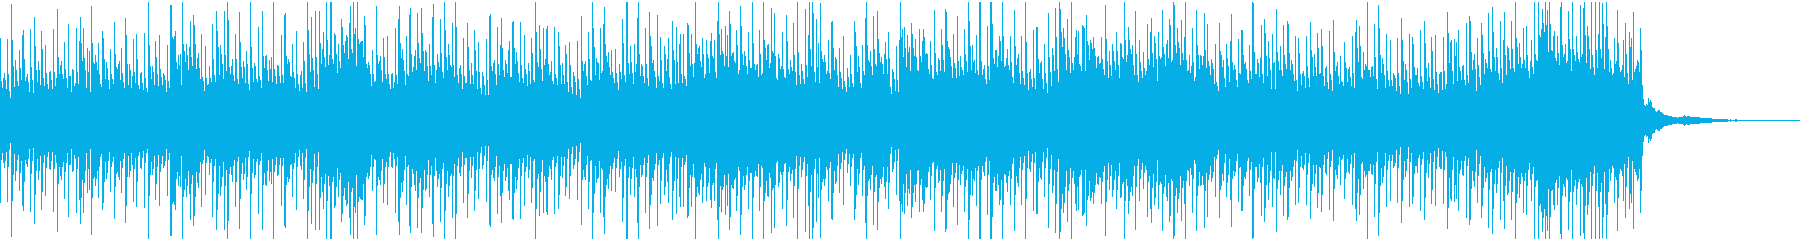 薄氷:透明感・清涼感・スタイリッシュの再生済みの波形